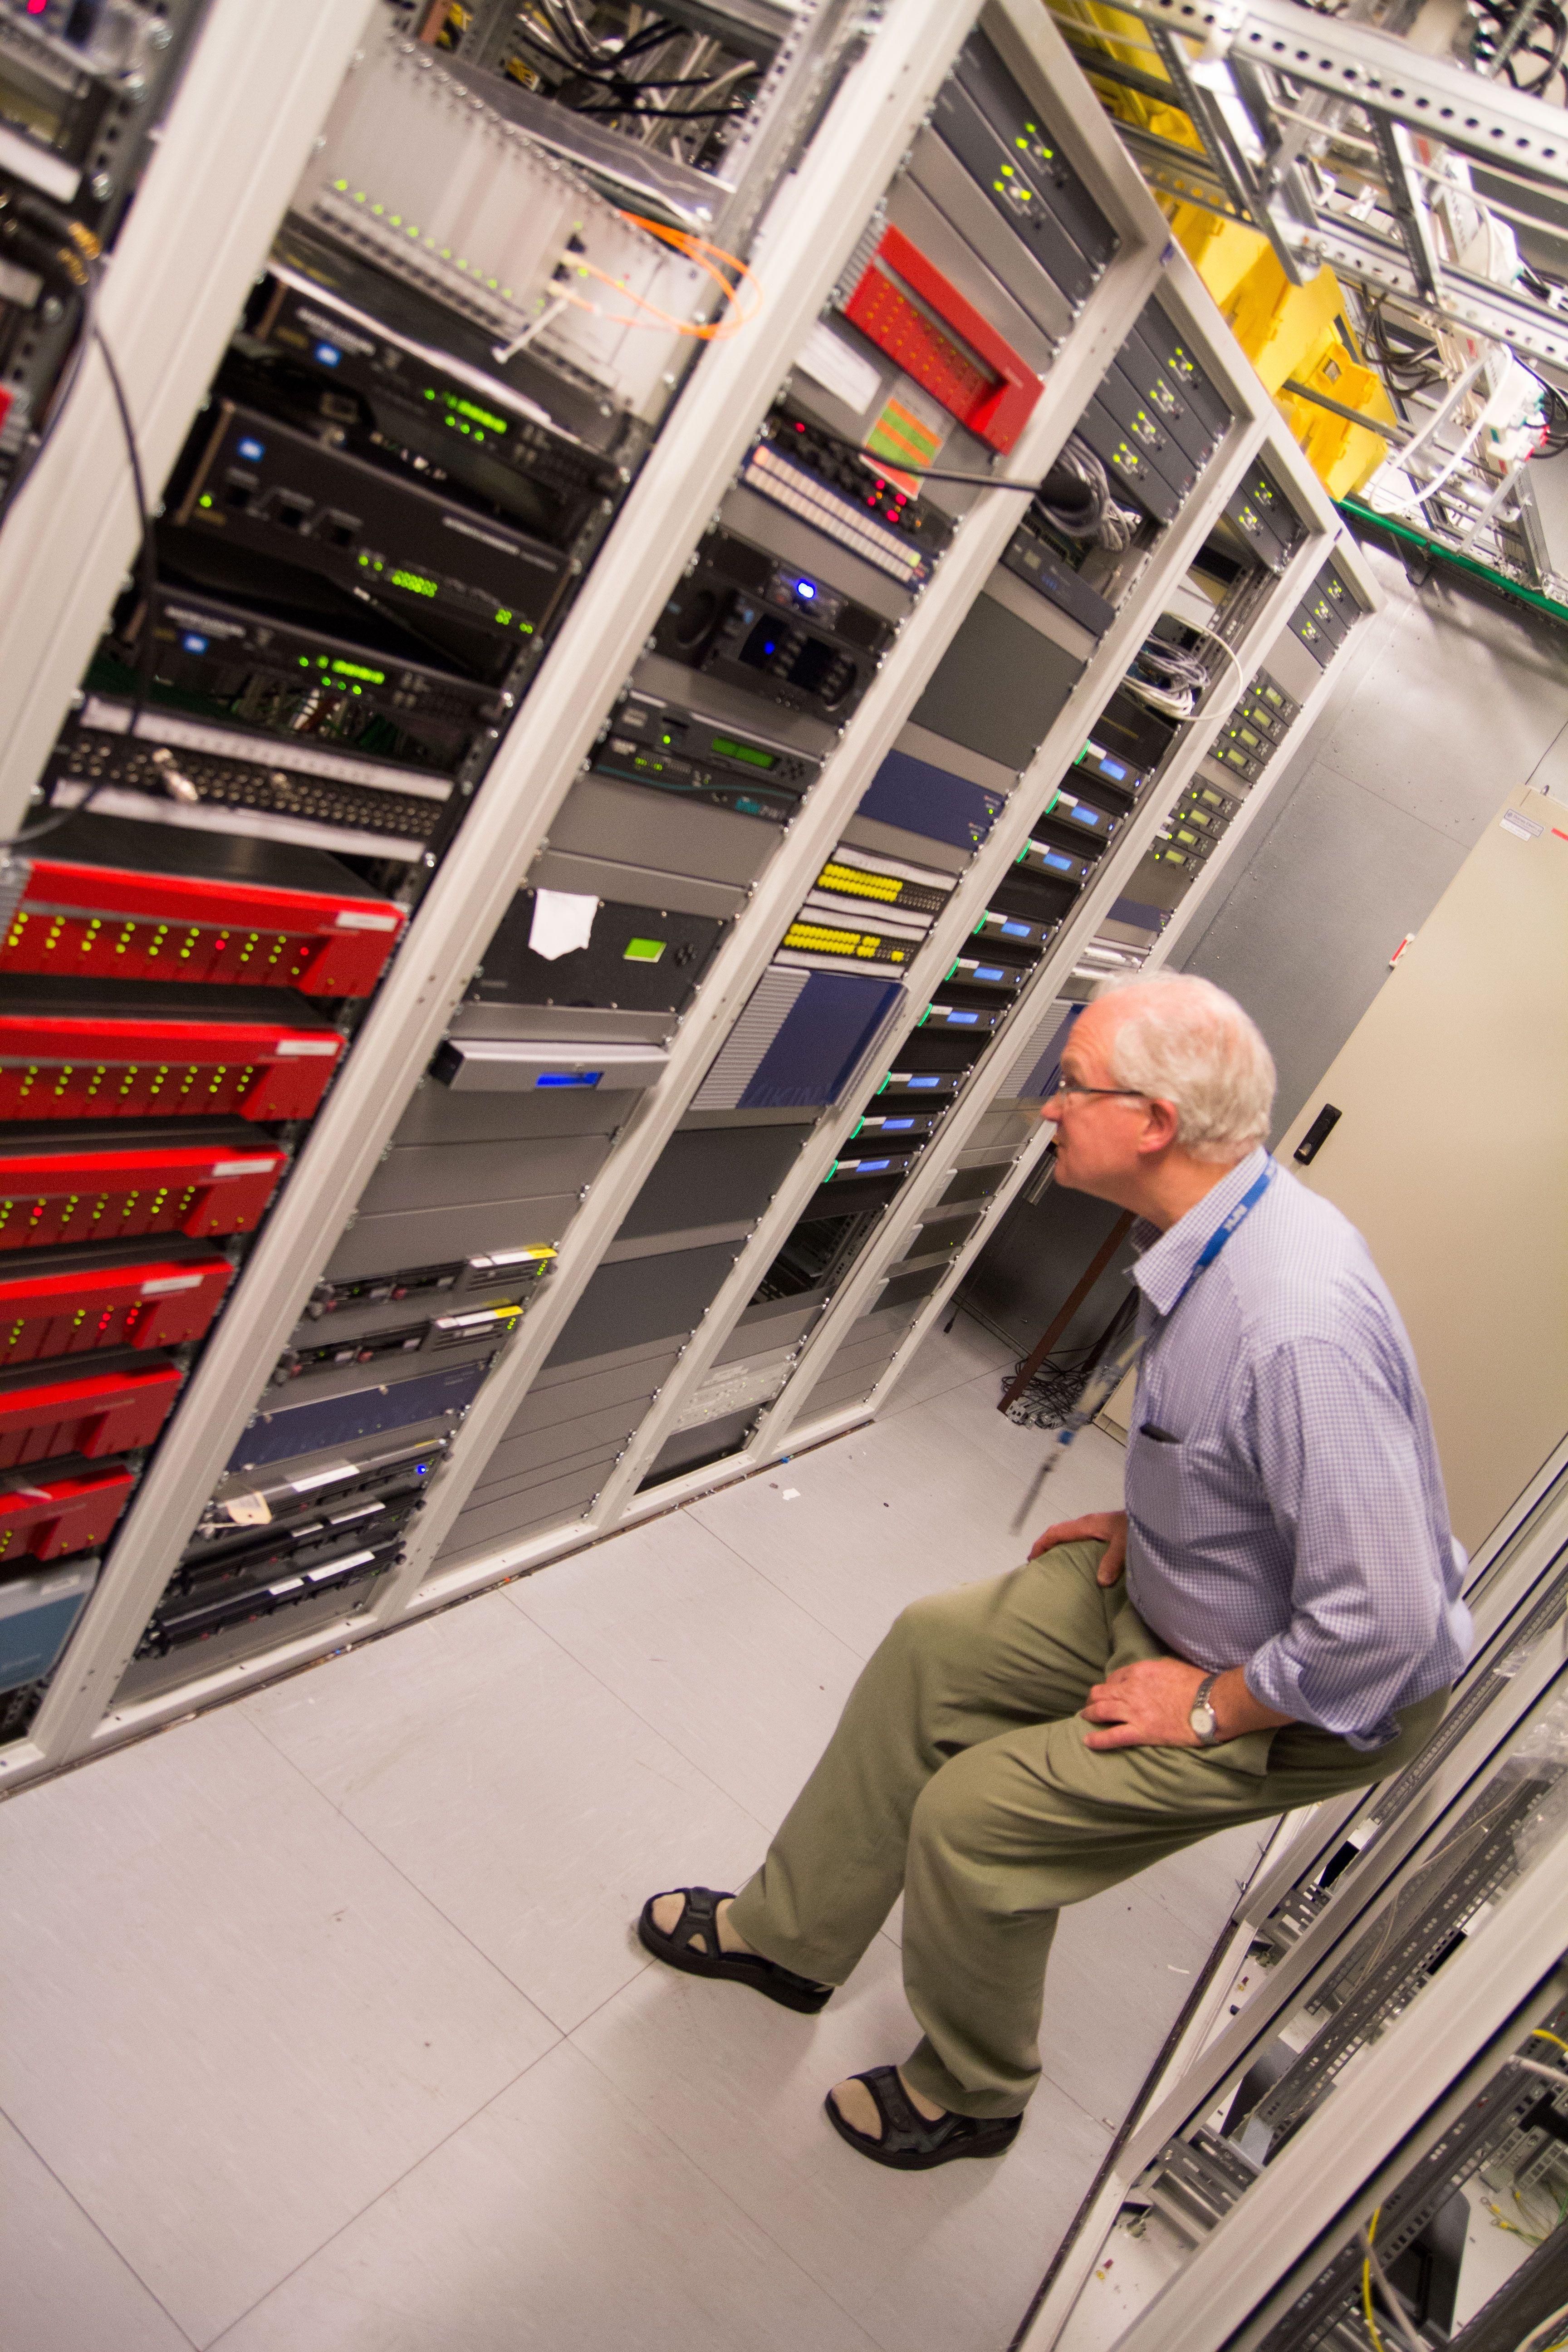 Det er utallige maskiner som jobber hardt for at du skal få se TV. Foto: Ole Henrik Johansen / Hardware.no